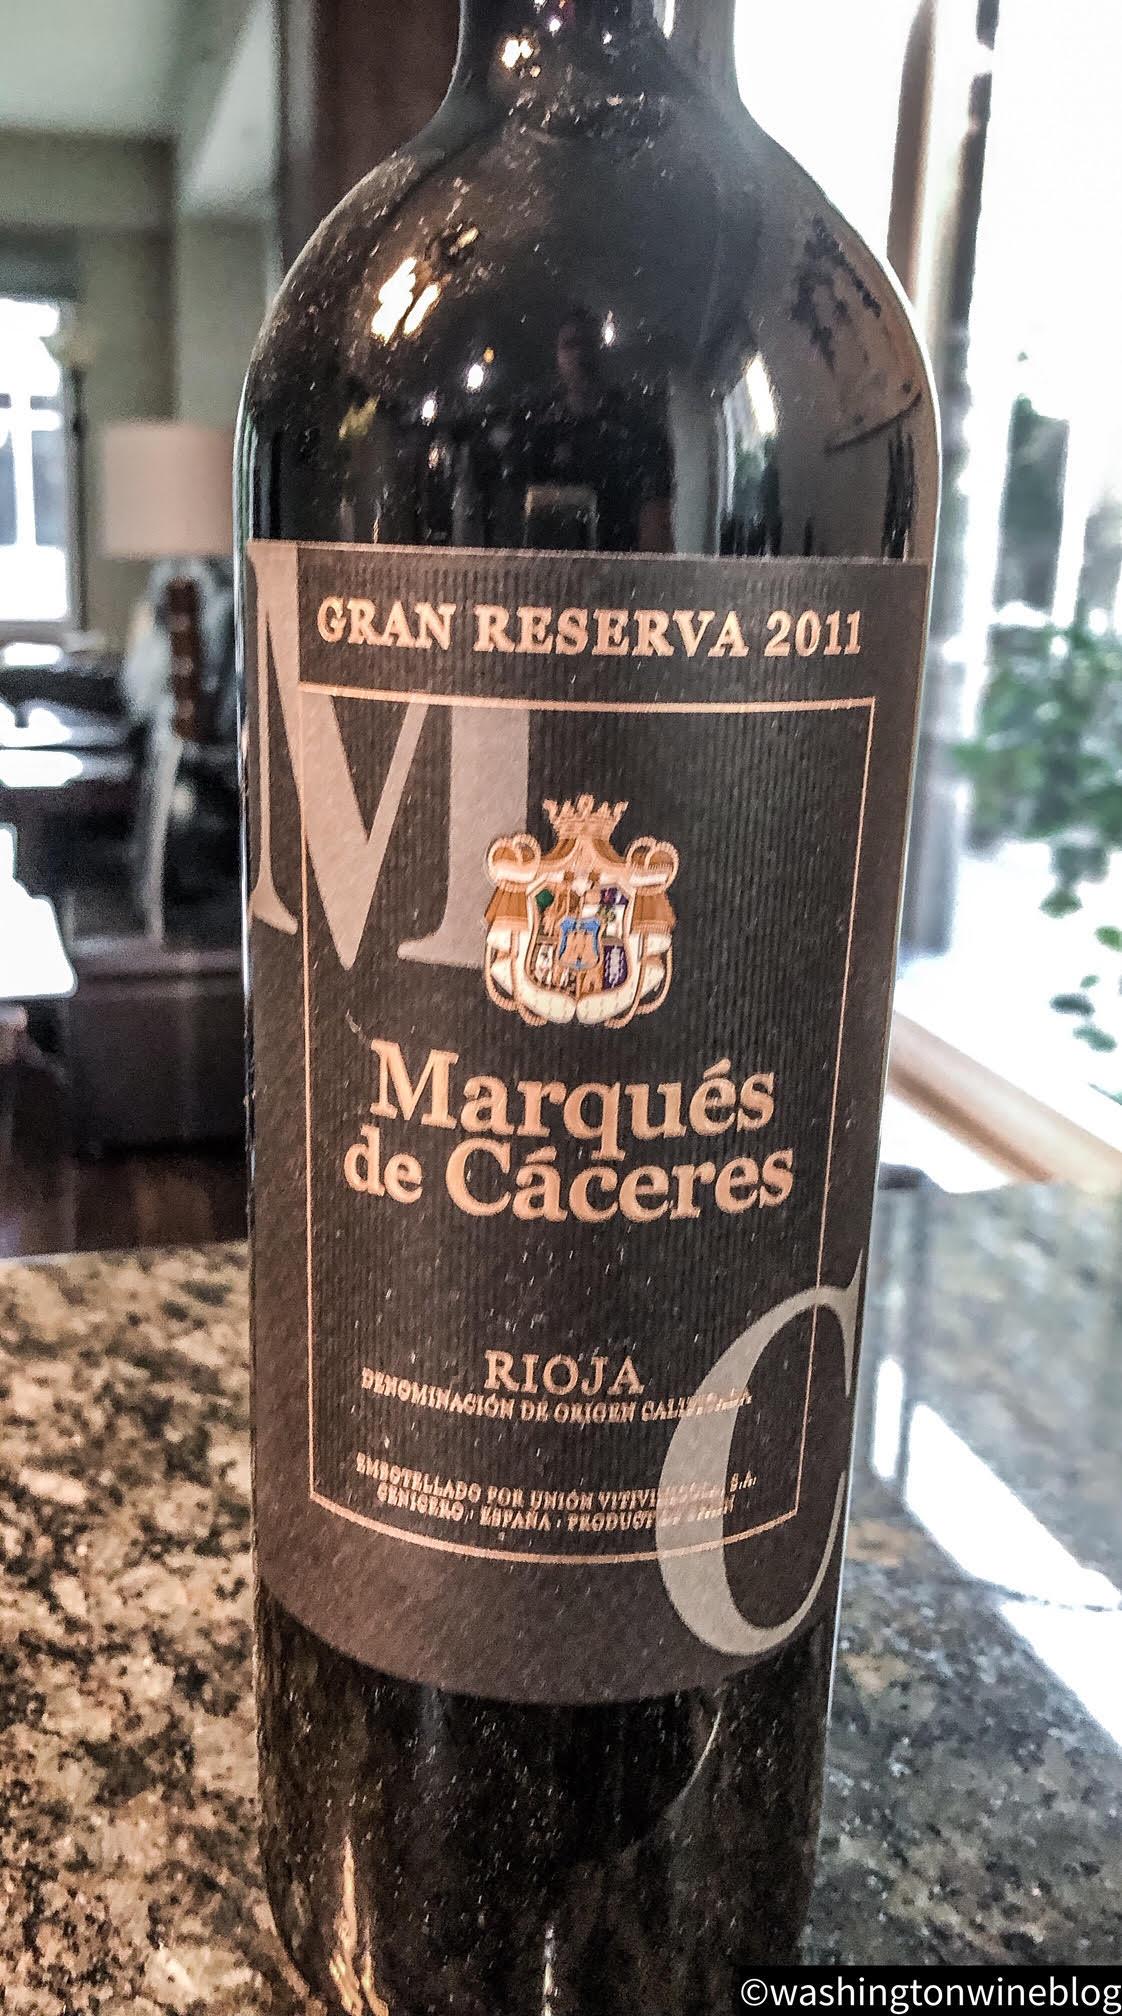 Blog — Washington Wine Blog